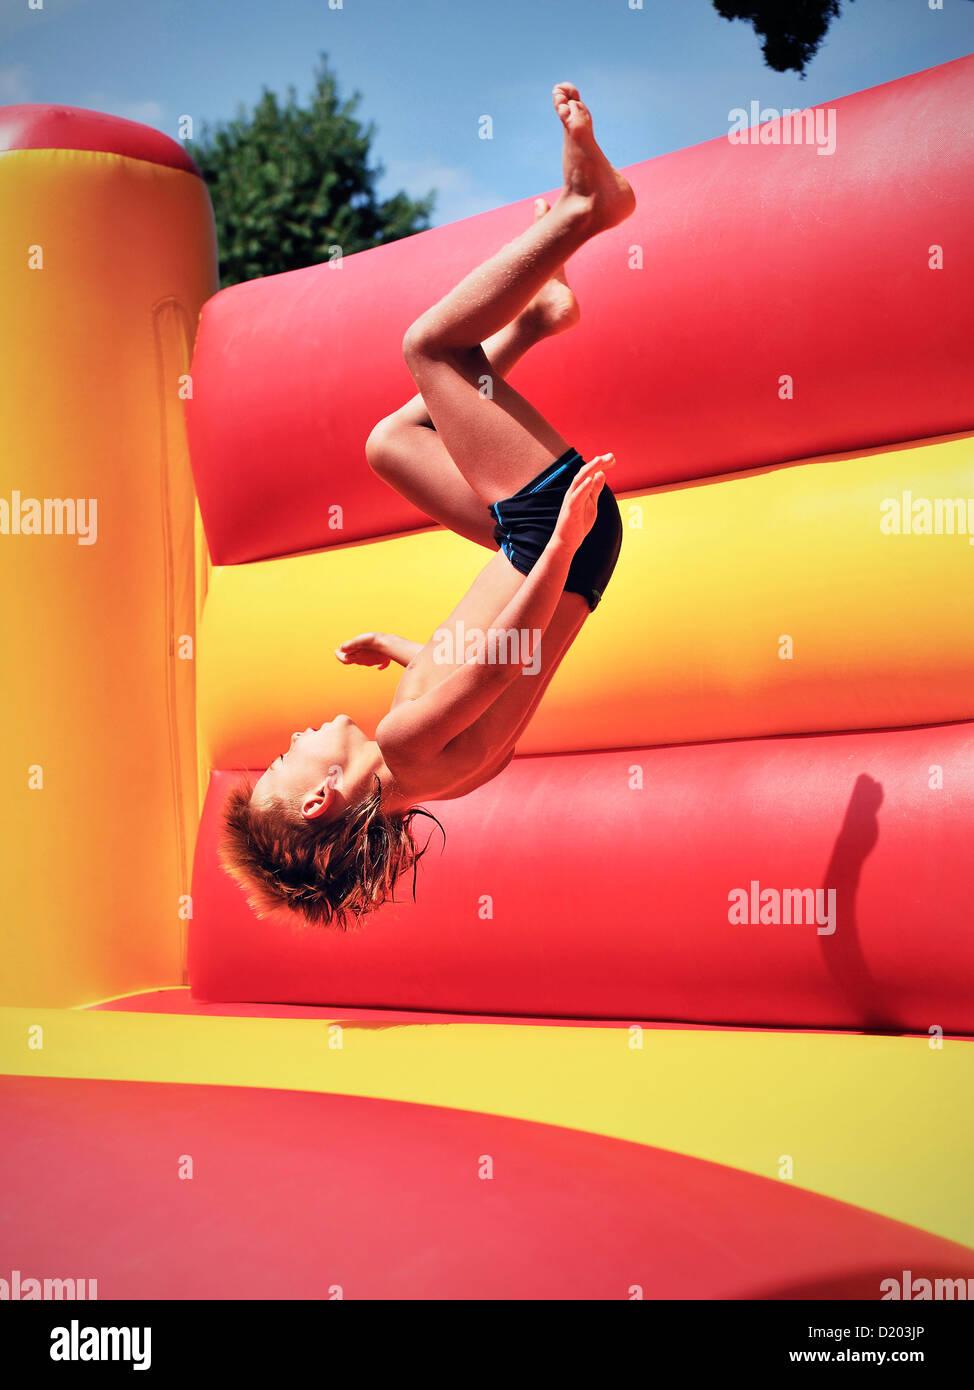 Young boy doing a somersault in a bouncy castle, Freibad Spiesel, Aalen, Schwaebische Alb, Baden-Wuerttemberg, Germany - Stock Image